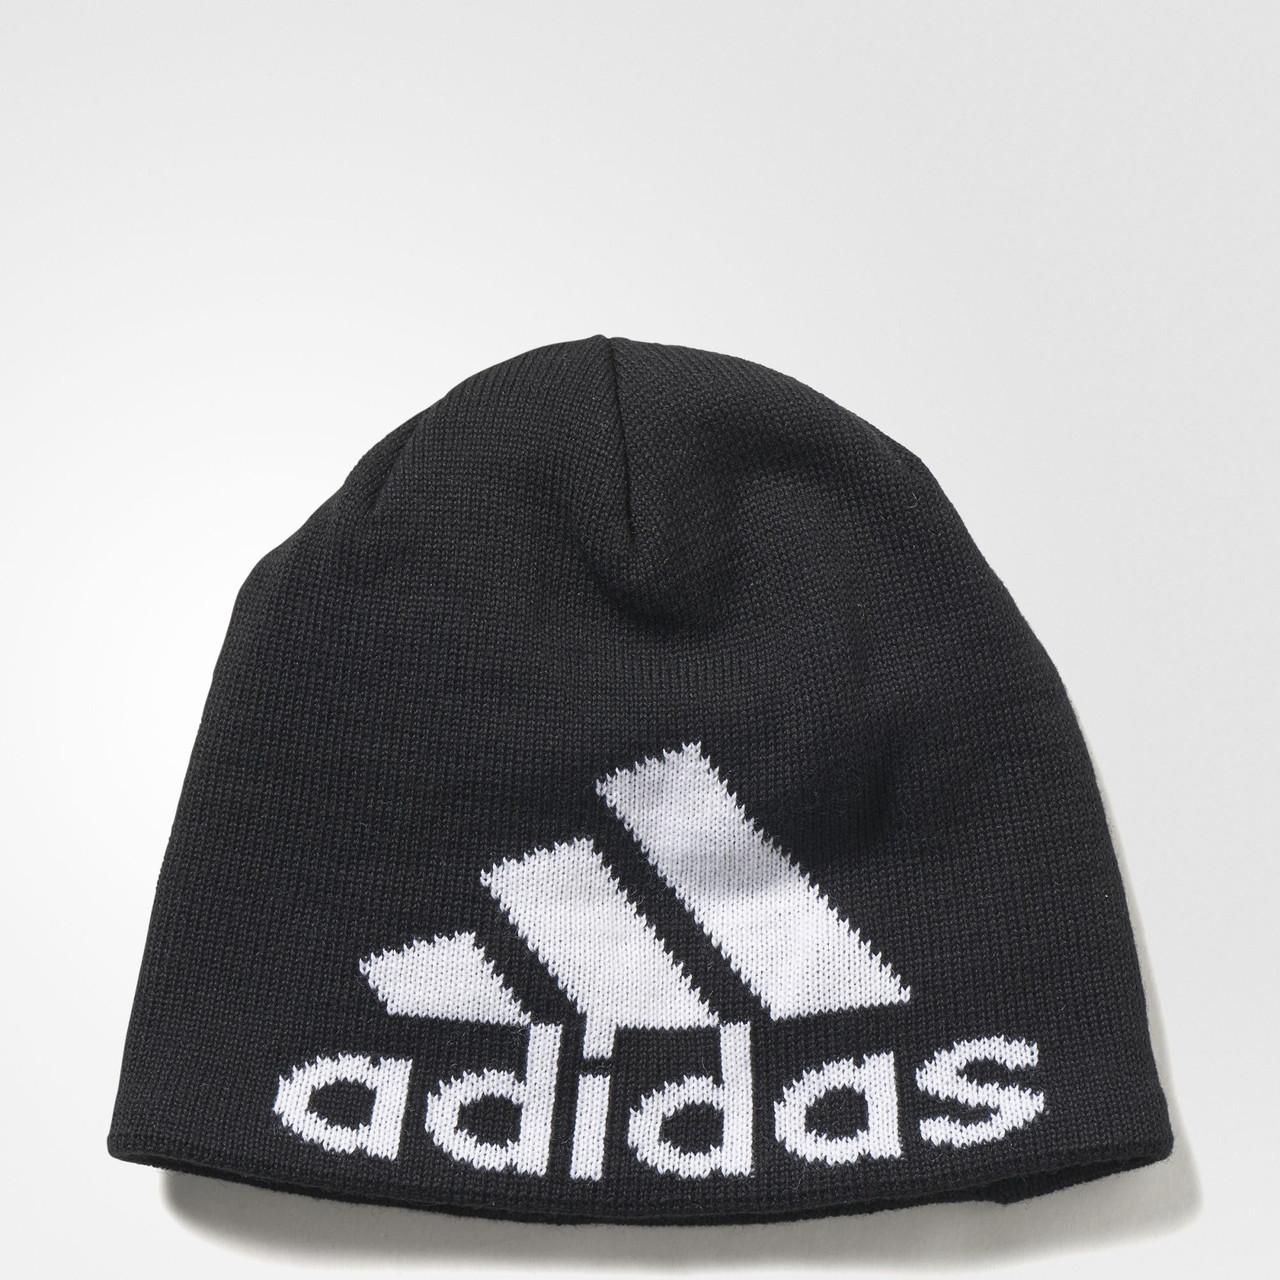 Купить Шапка Adidas Knit Logo (Артикул  S94127) в интернет магазине ... f143becaec8c9